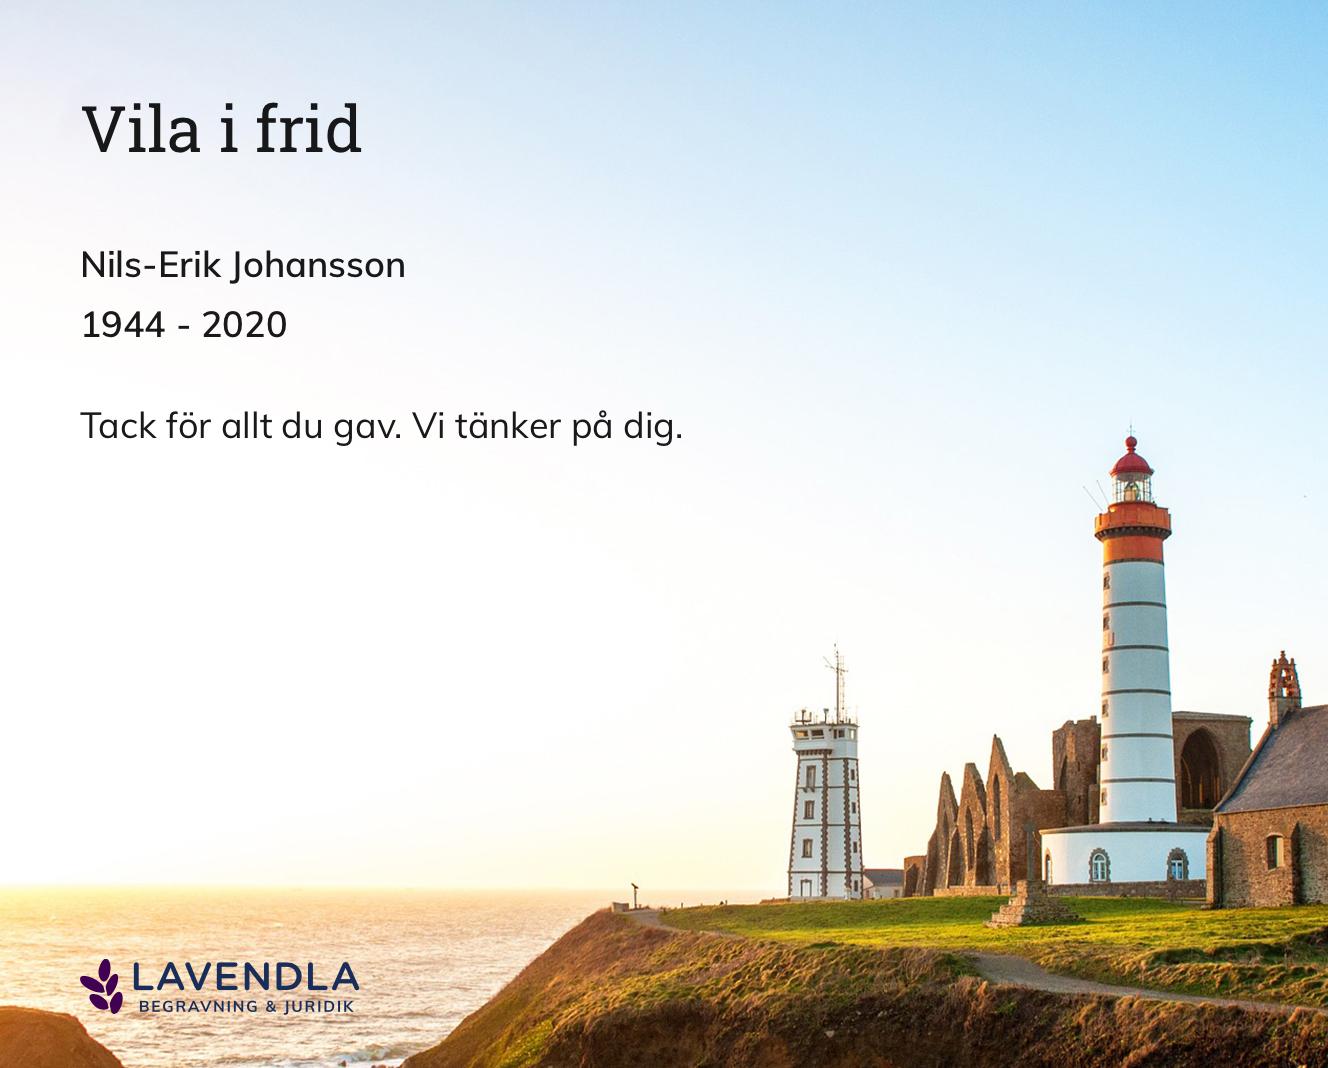 Inbjudningskort till ceremonin för Nils-Erik Johansson